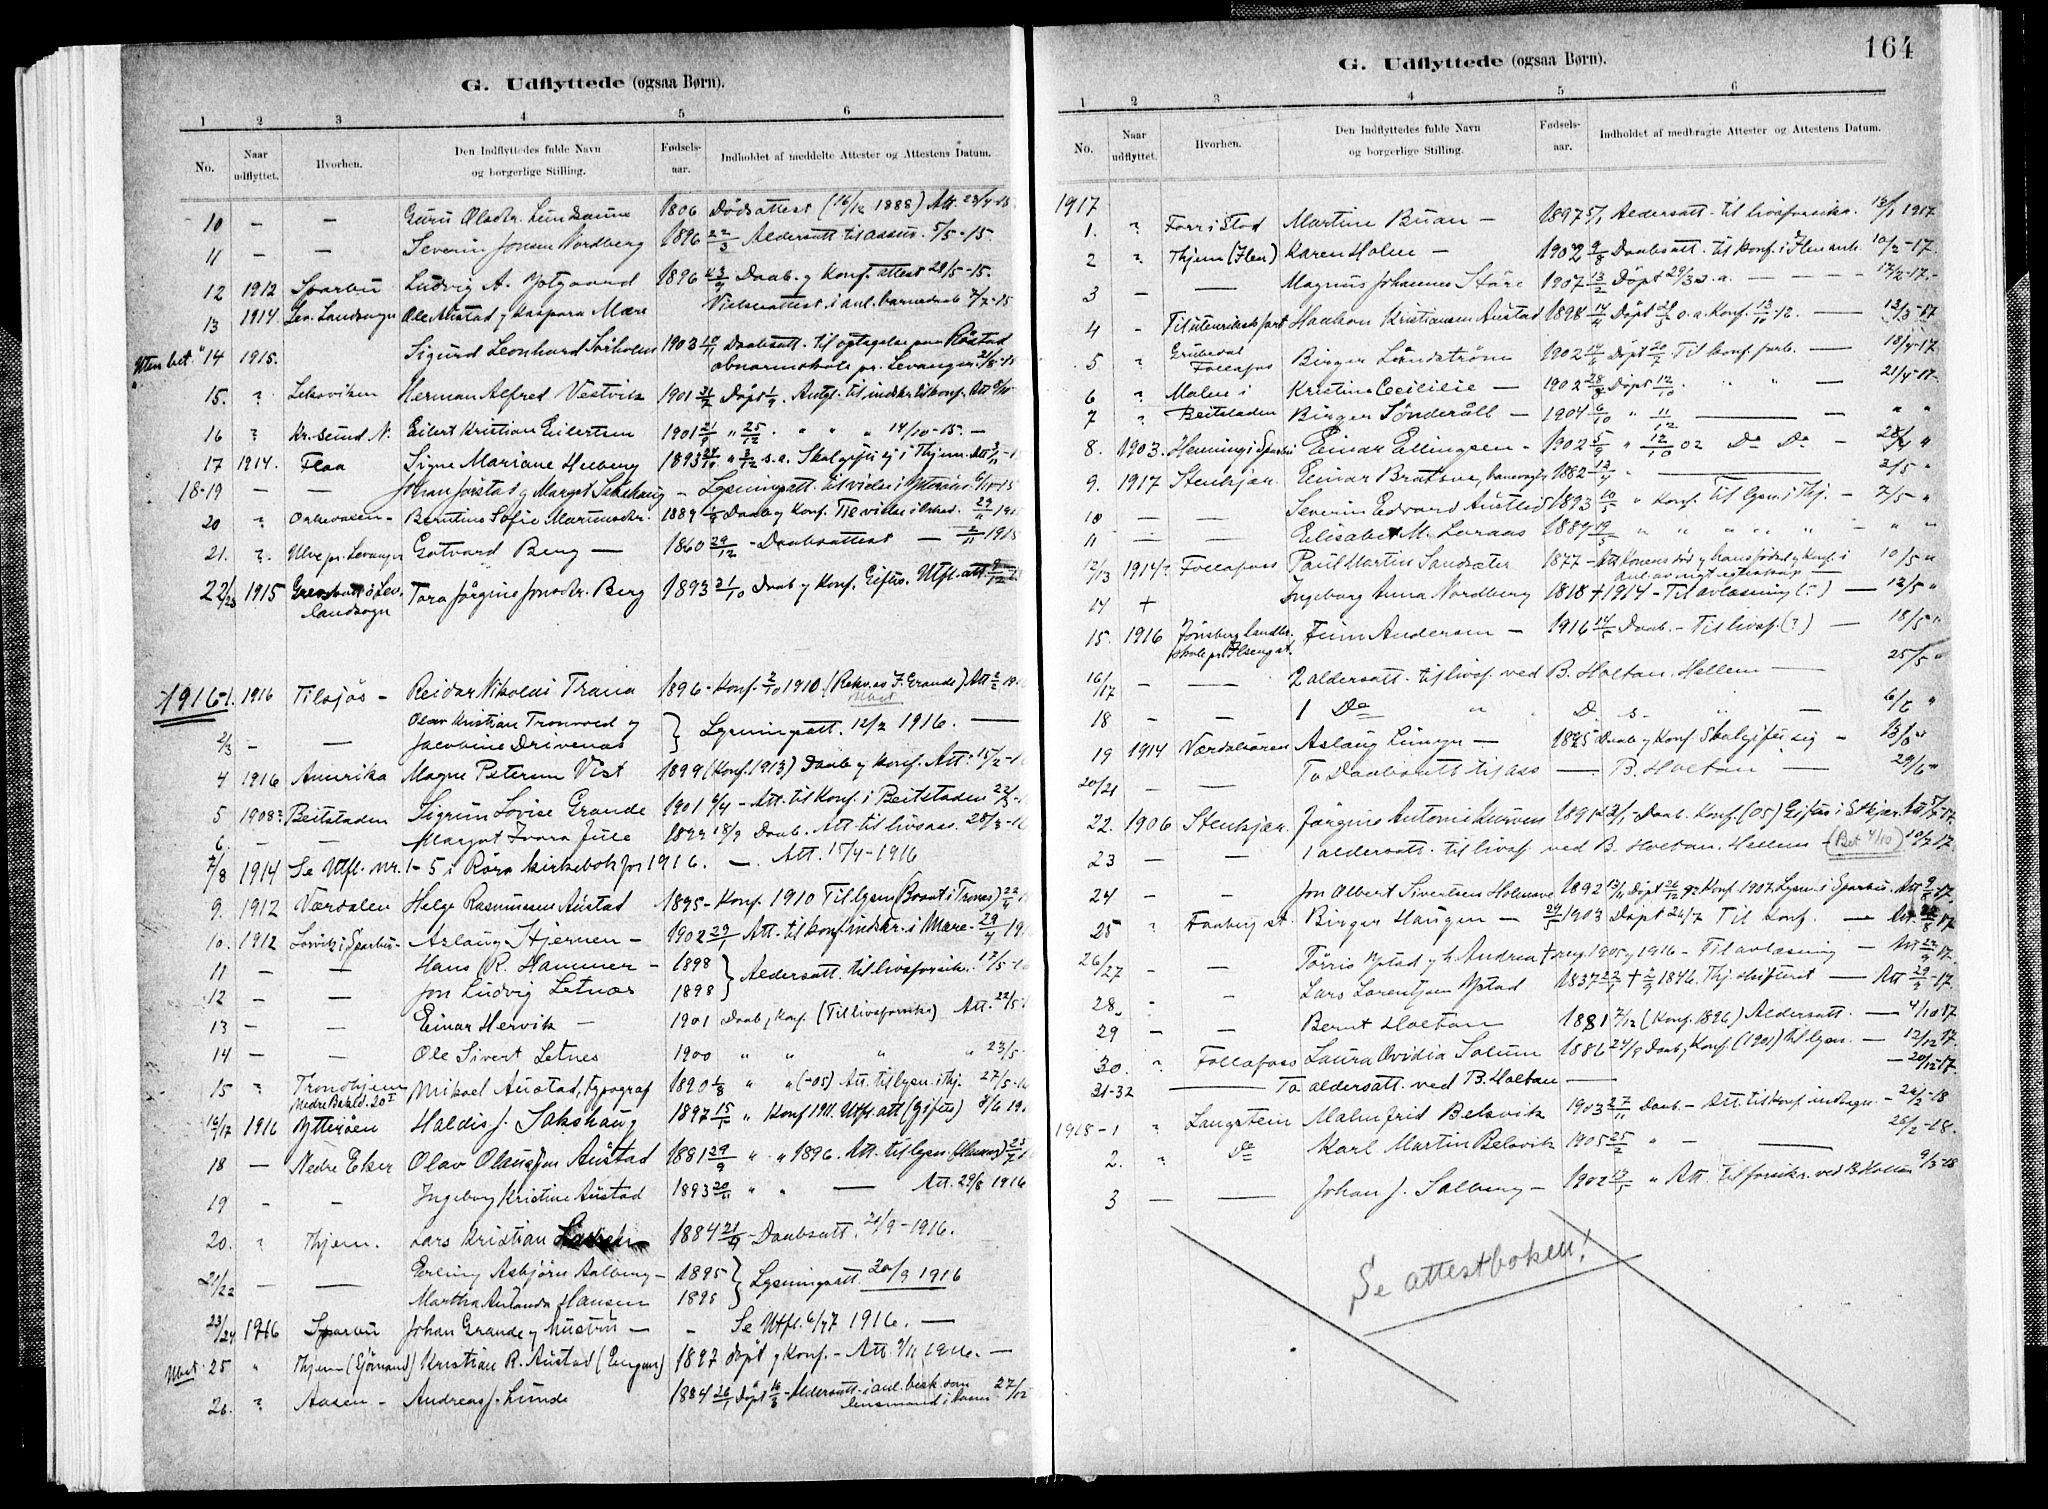 SAT, Ministerialprotokoller, klokkerbøker og fødselsregistre - Nord-Trøndelag, 731/L0309: Ministerialbok nr. 731A01, 1879-1918, s. 164